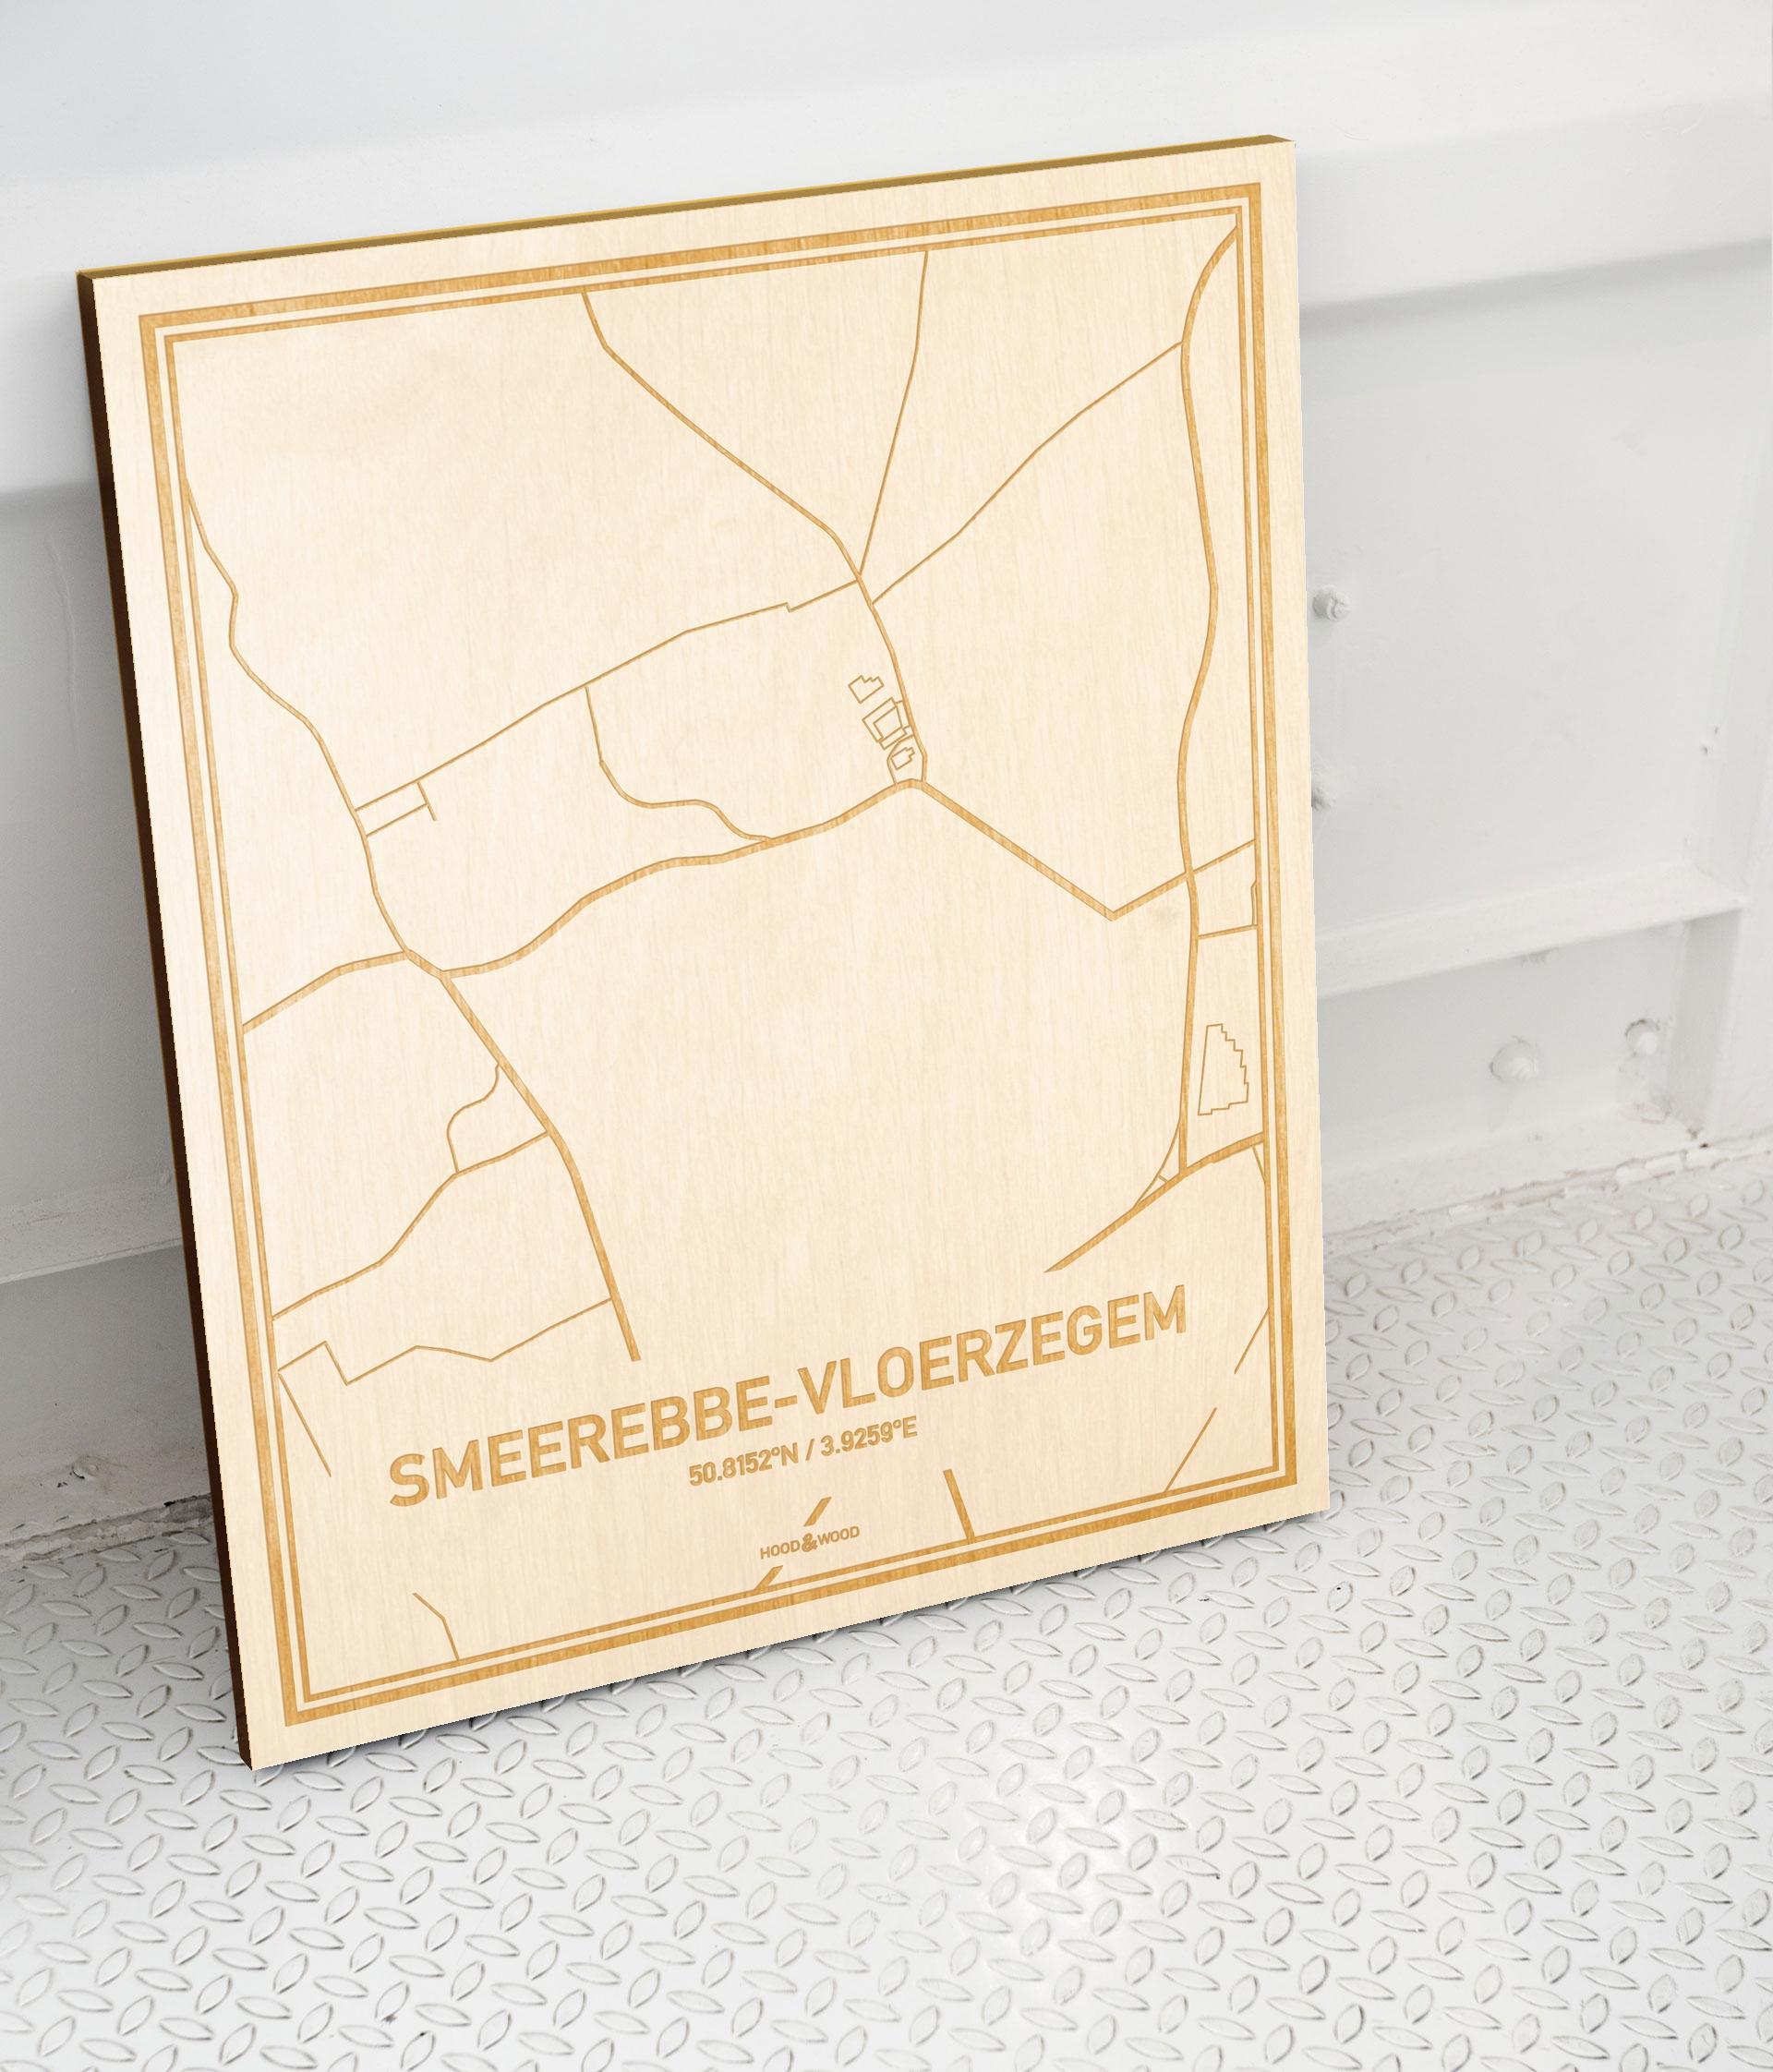 Plattegrond Smeerebbe-Vloerzegem als prachtige houten wanddecoratie. Het warme hout contrasteert mooi met de witte muur.